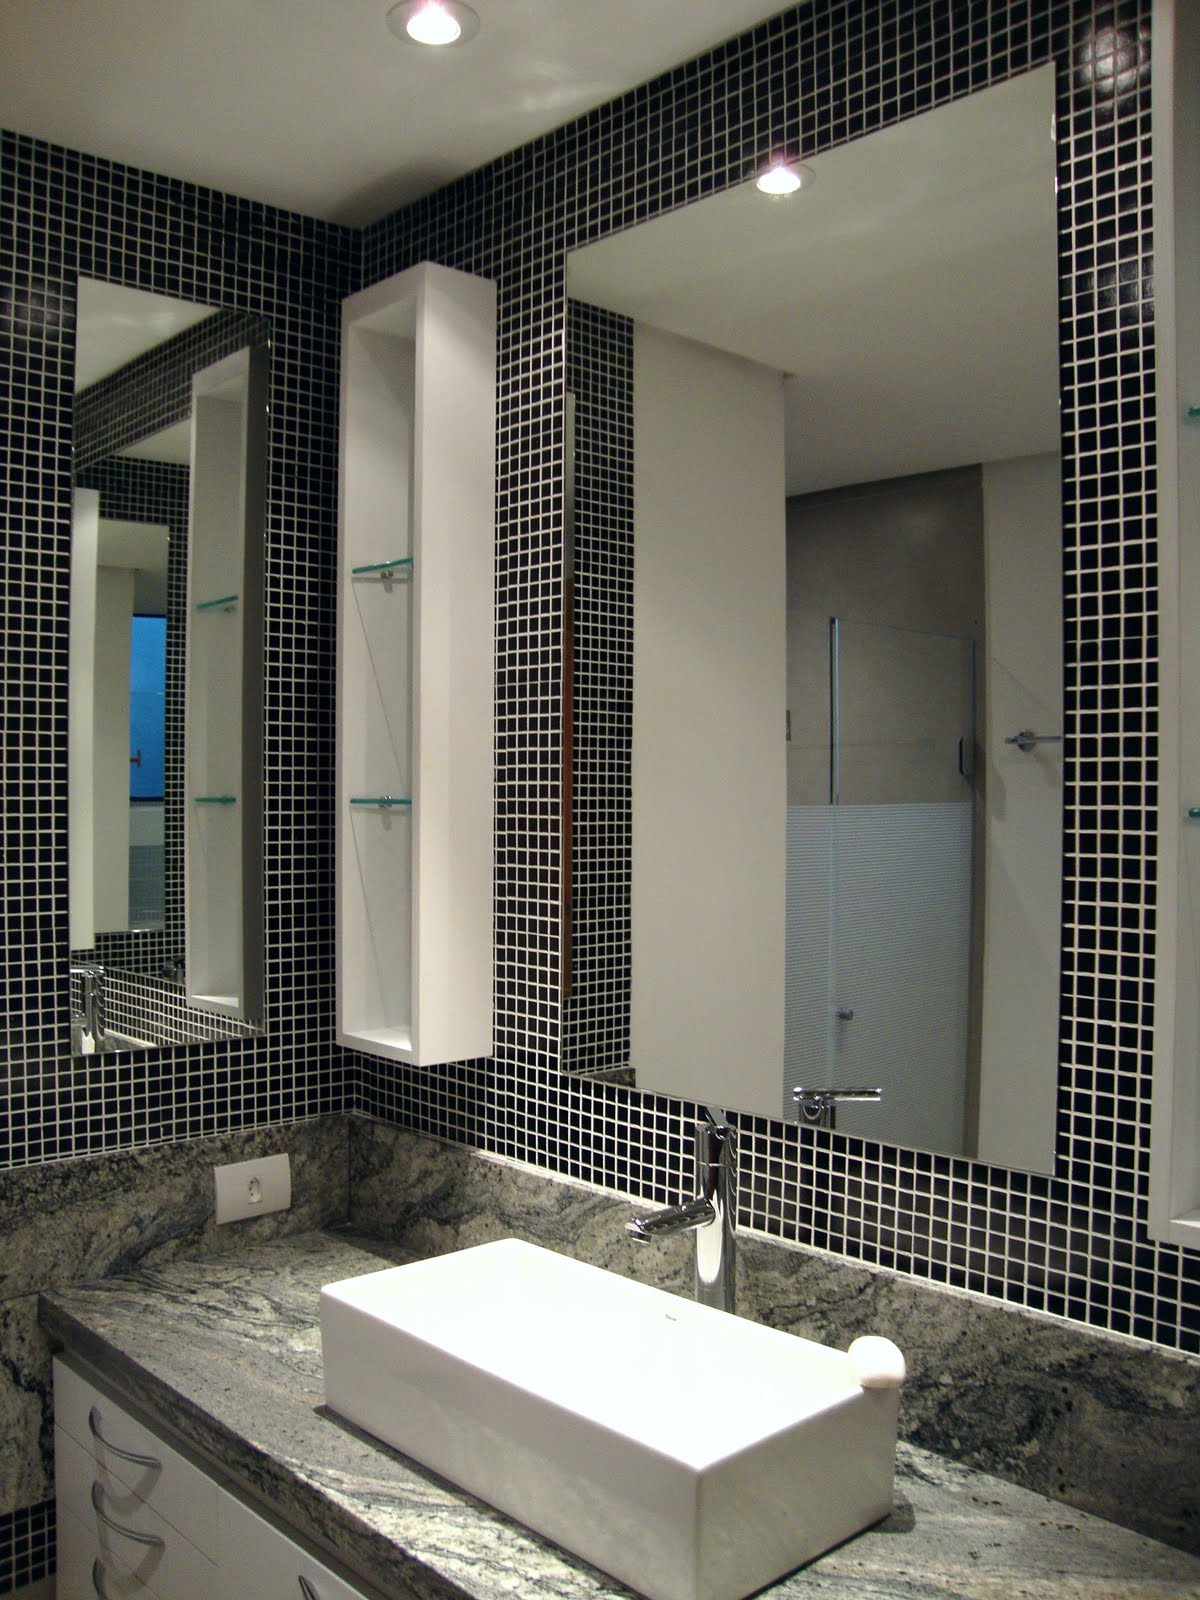 Reformas: Lavabos & Banheiros reformas completas #2372A8 1200 1600